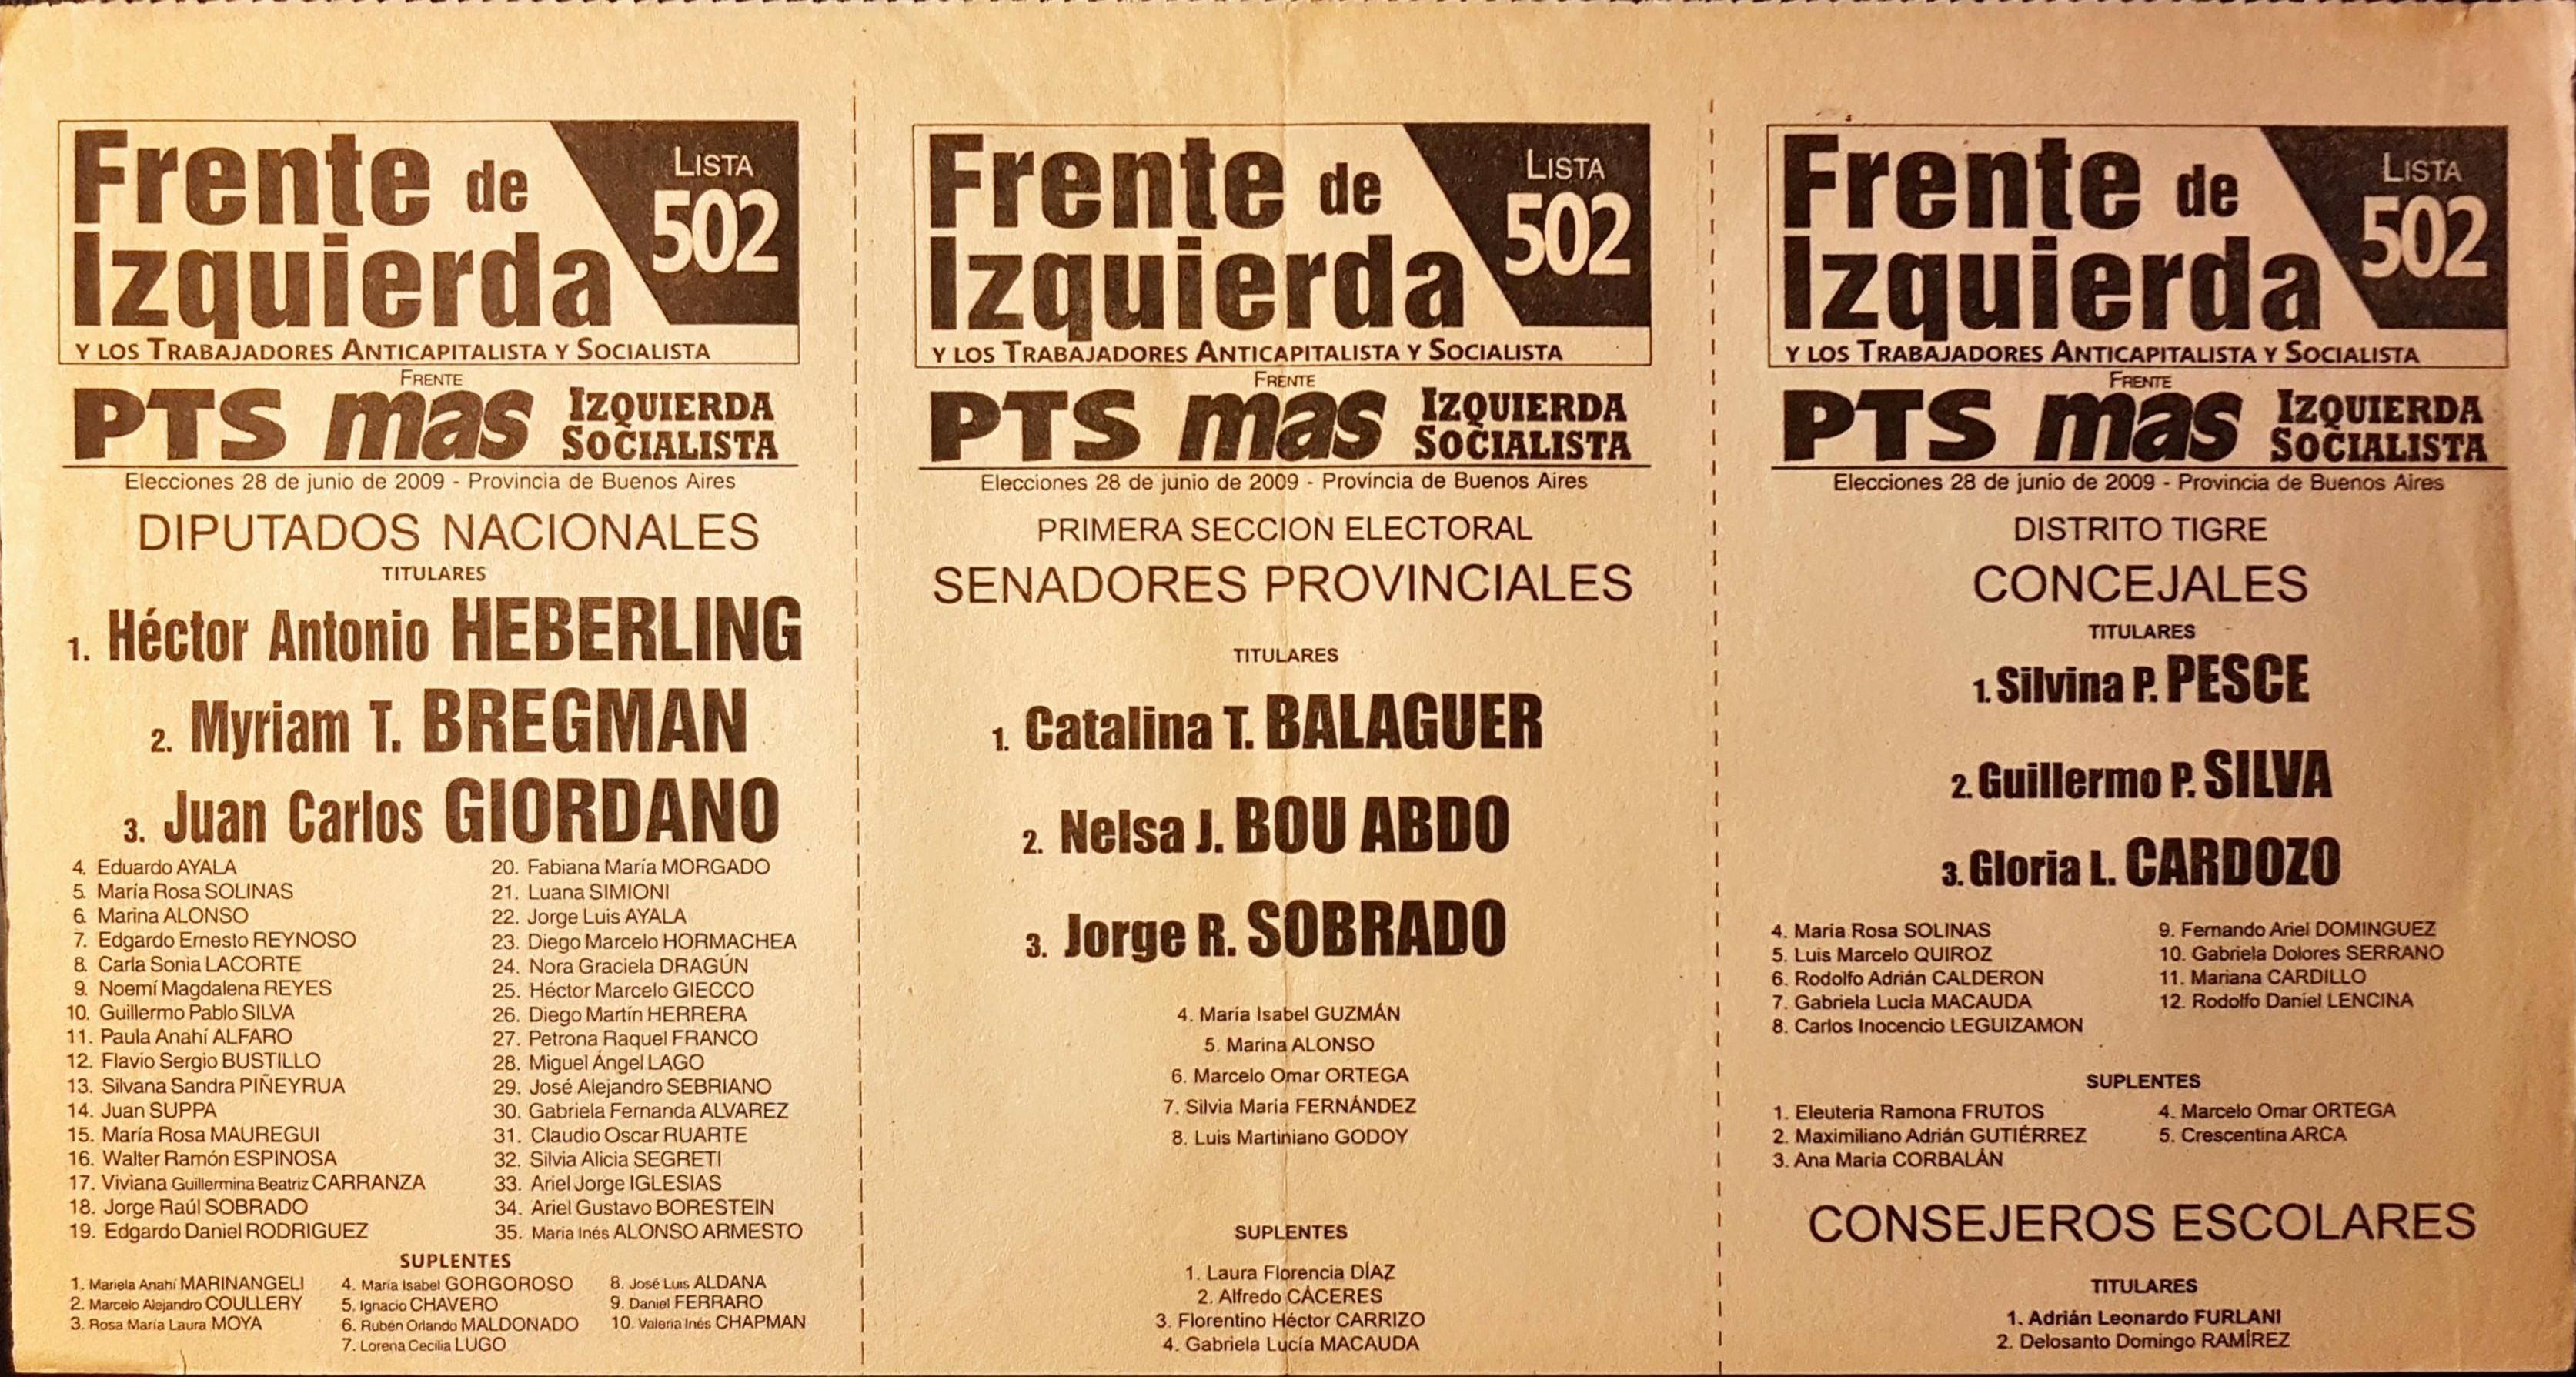 Frente_Izquierda_2009